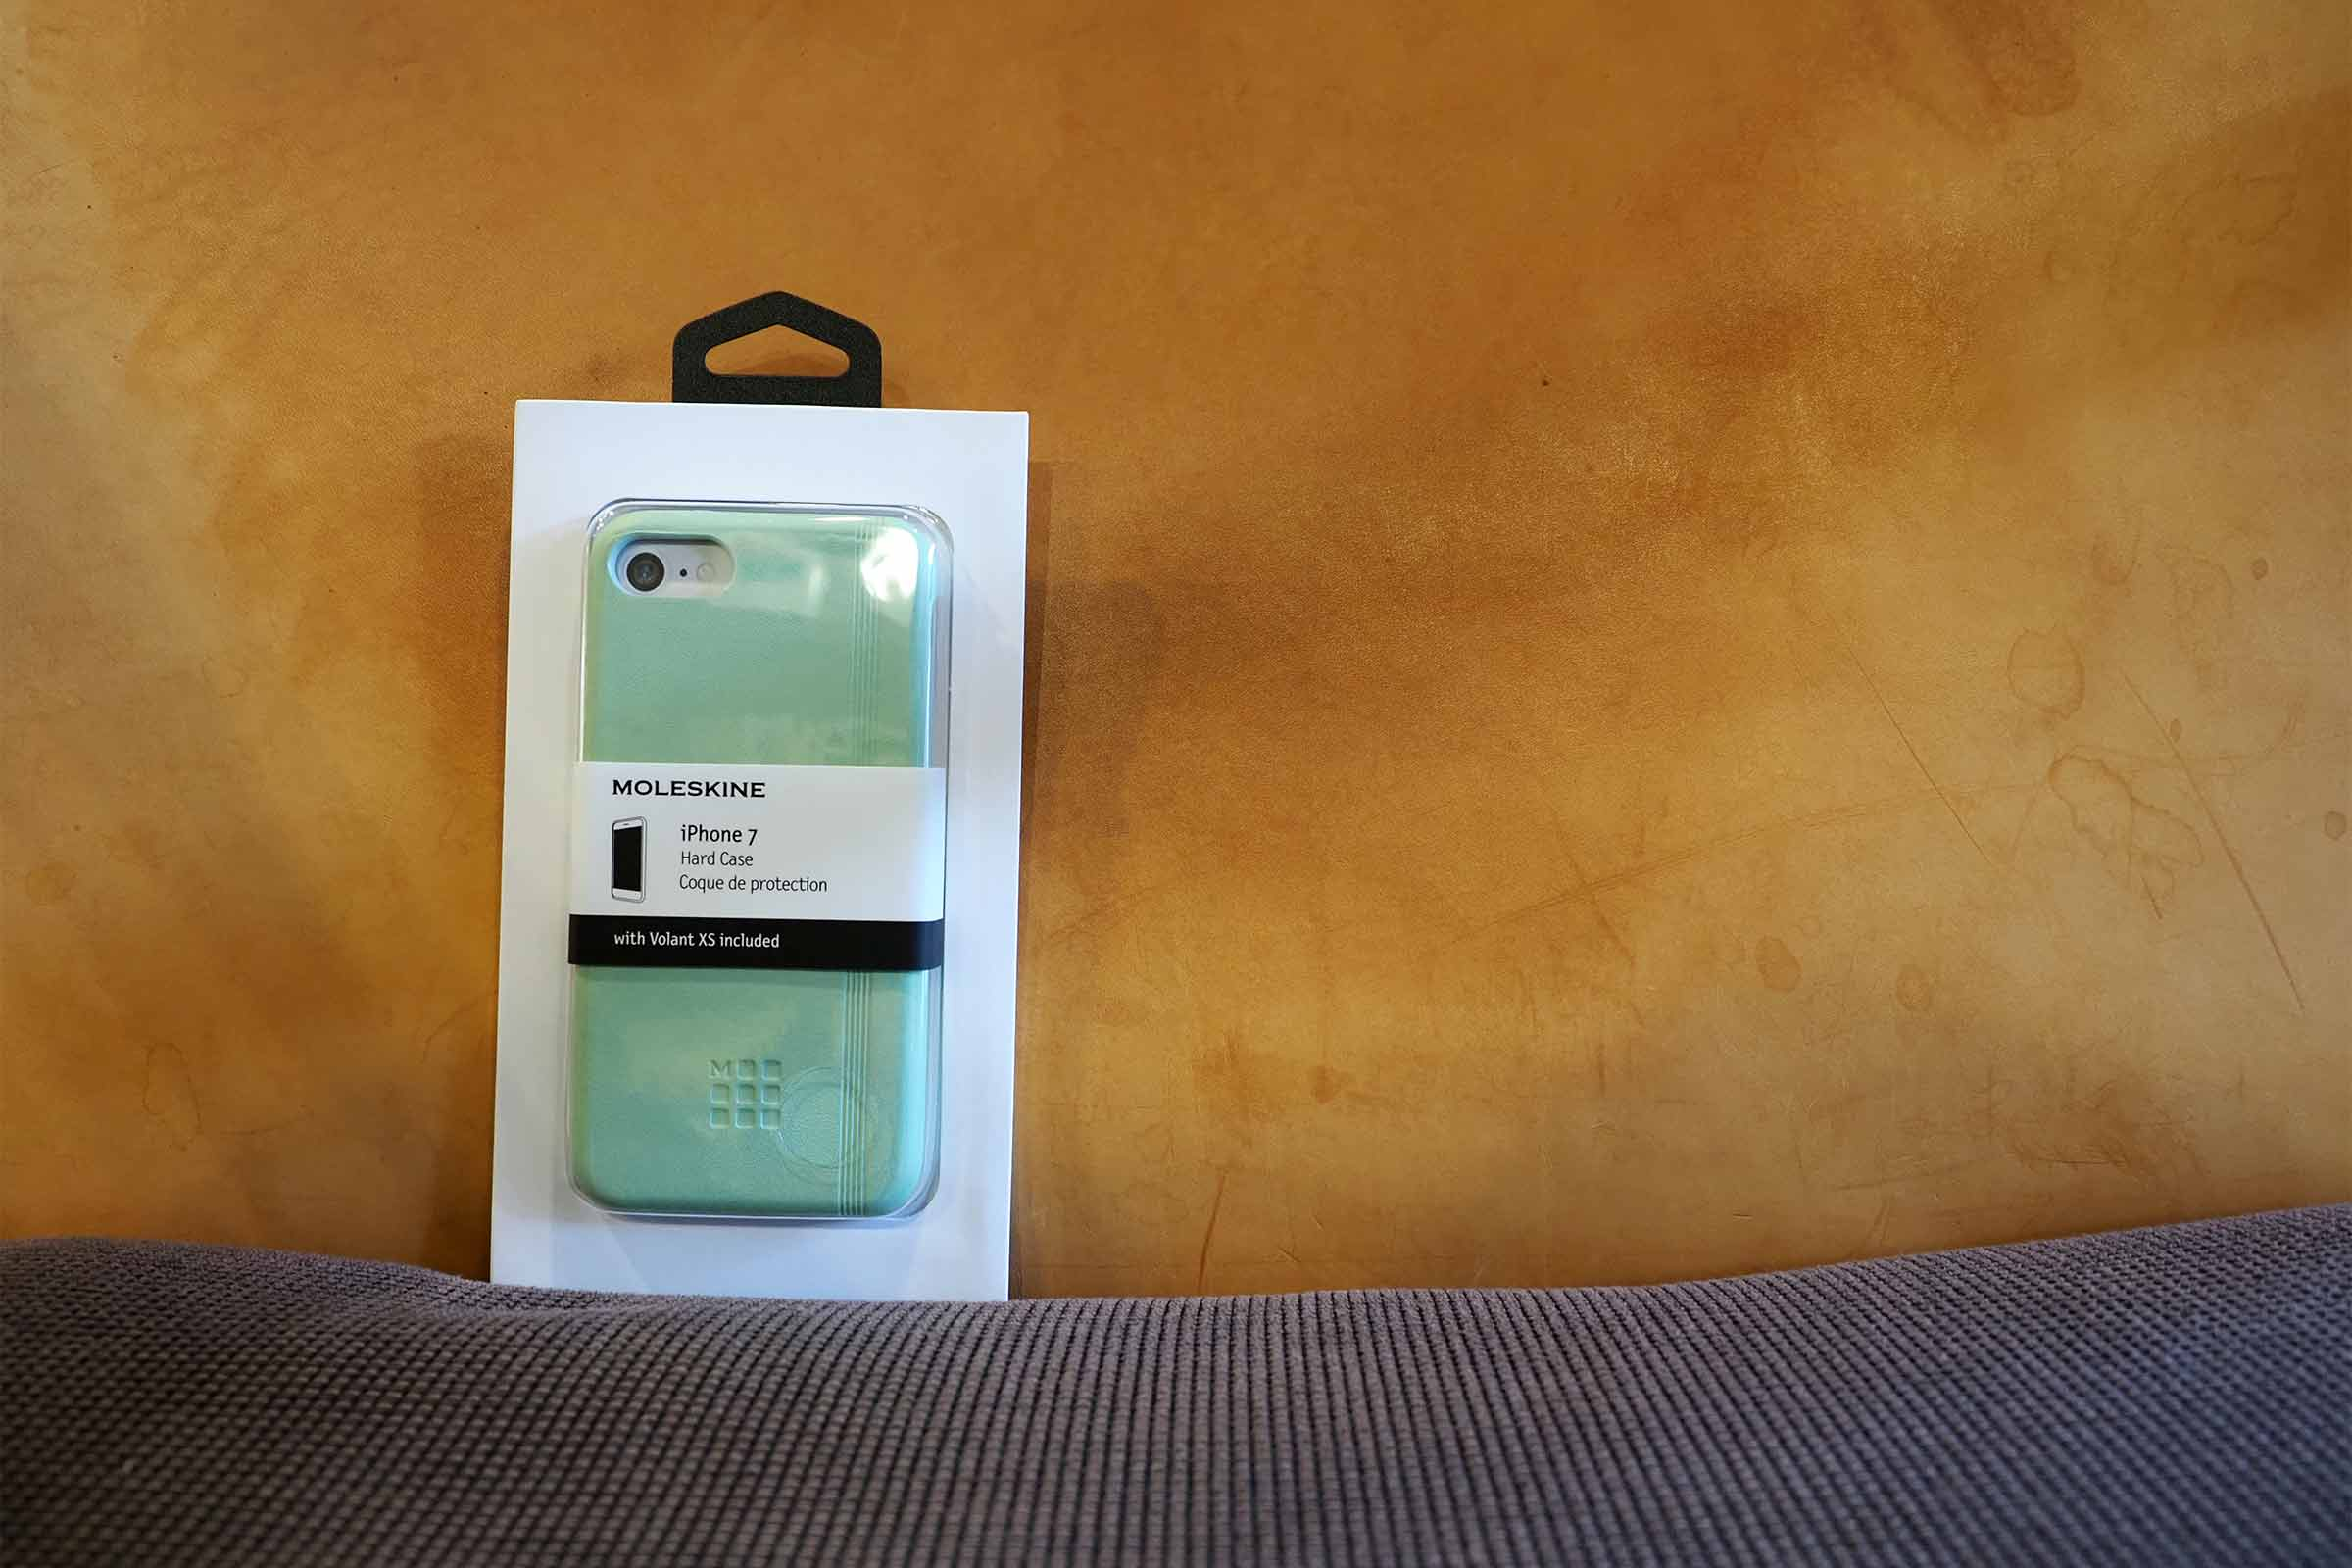 iPhoneケース,iPhone SE2カバー,iPhone8,アクセサリー,モレスキン,お洒落,可愛い,スタイリッシュ